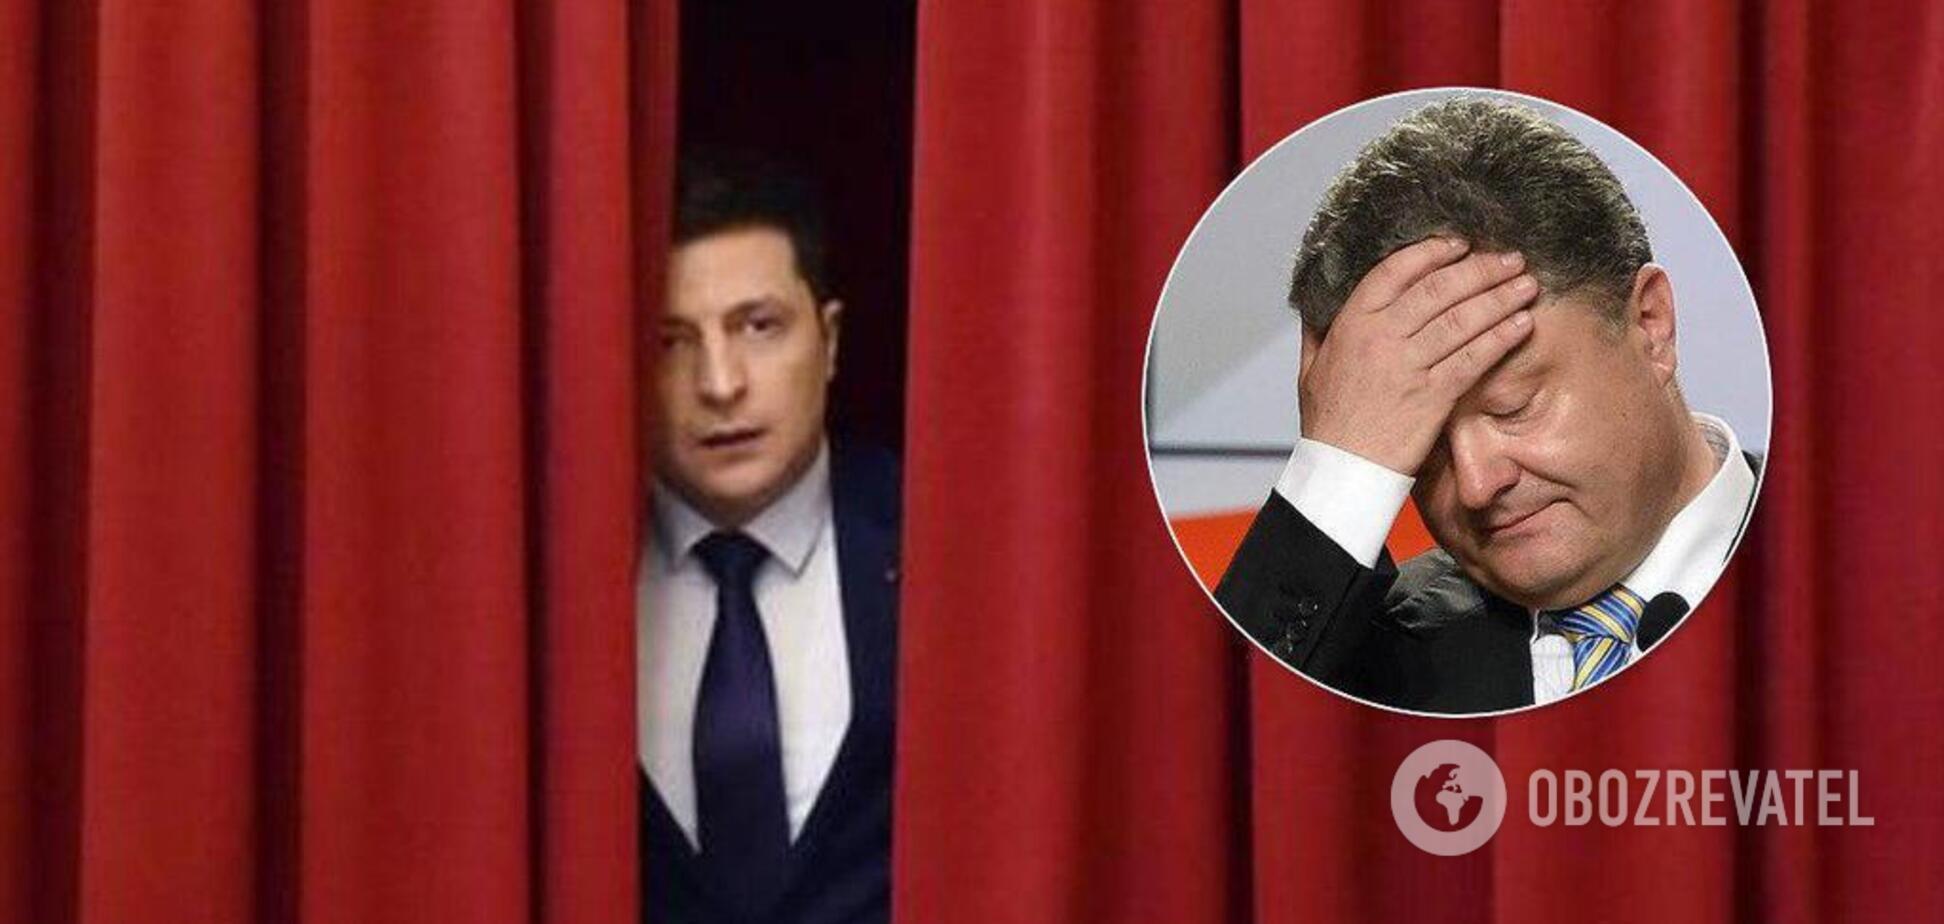 Зеленський не піде на дебати на 'Суспільне'